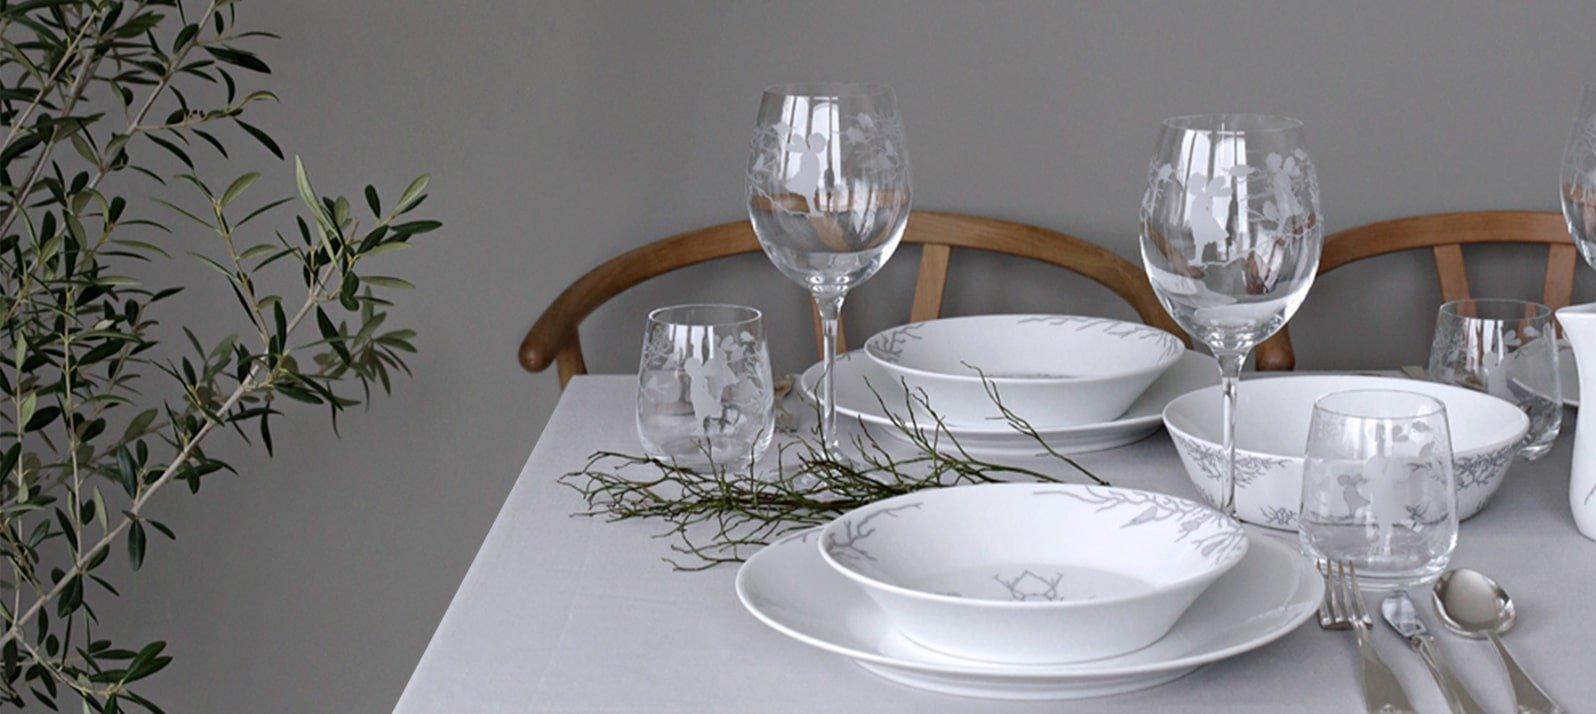 L'enchantement de votre table de Noël